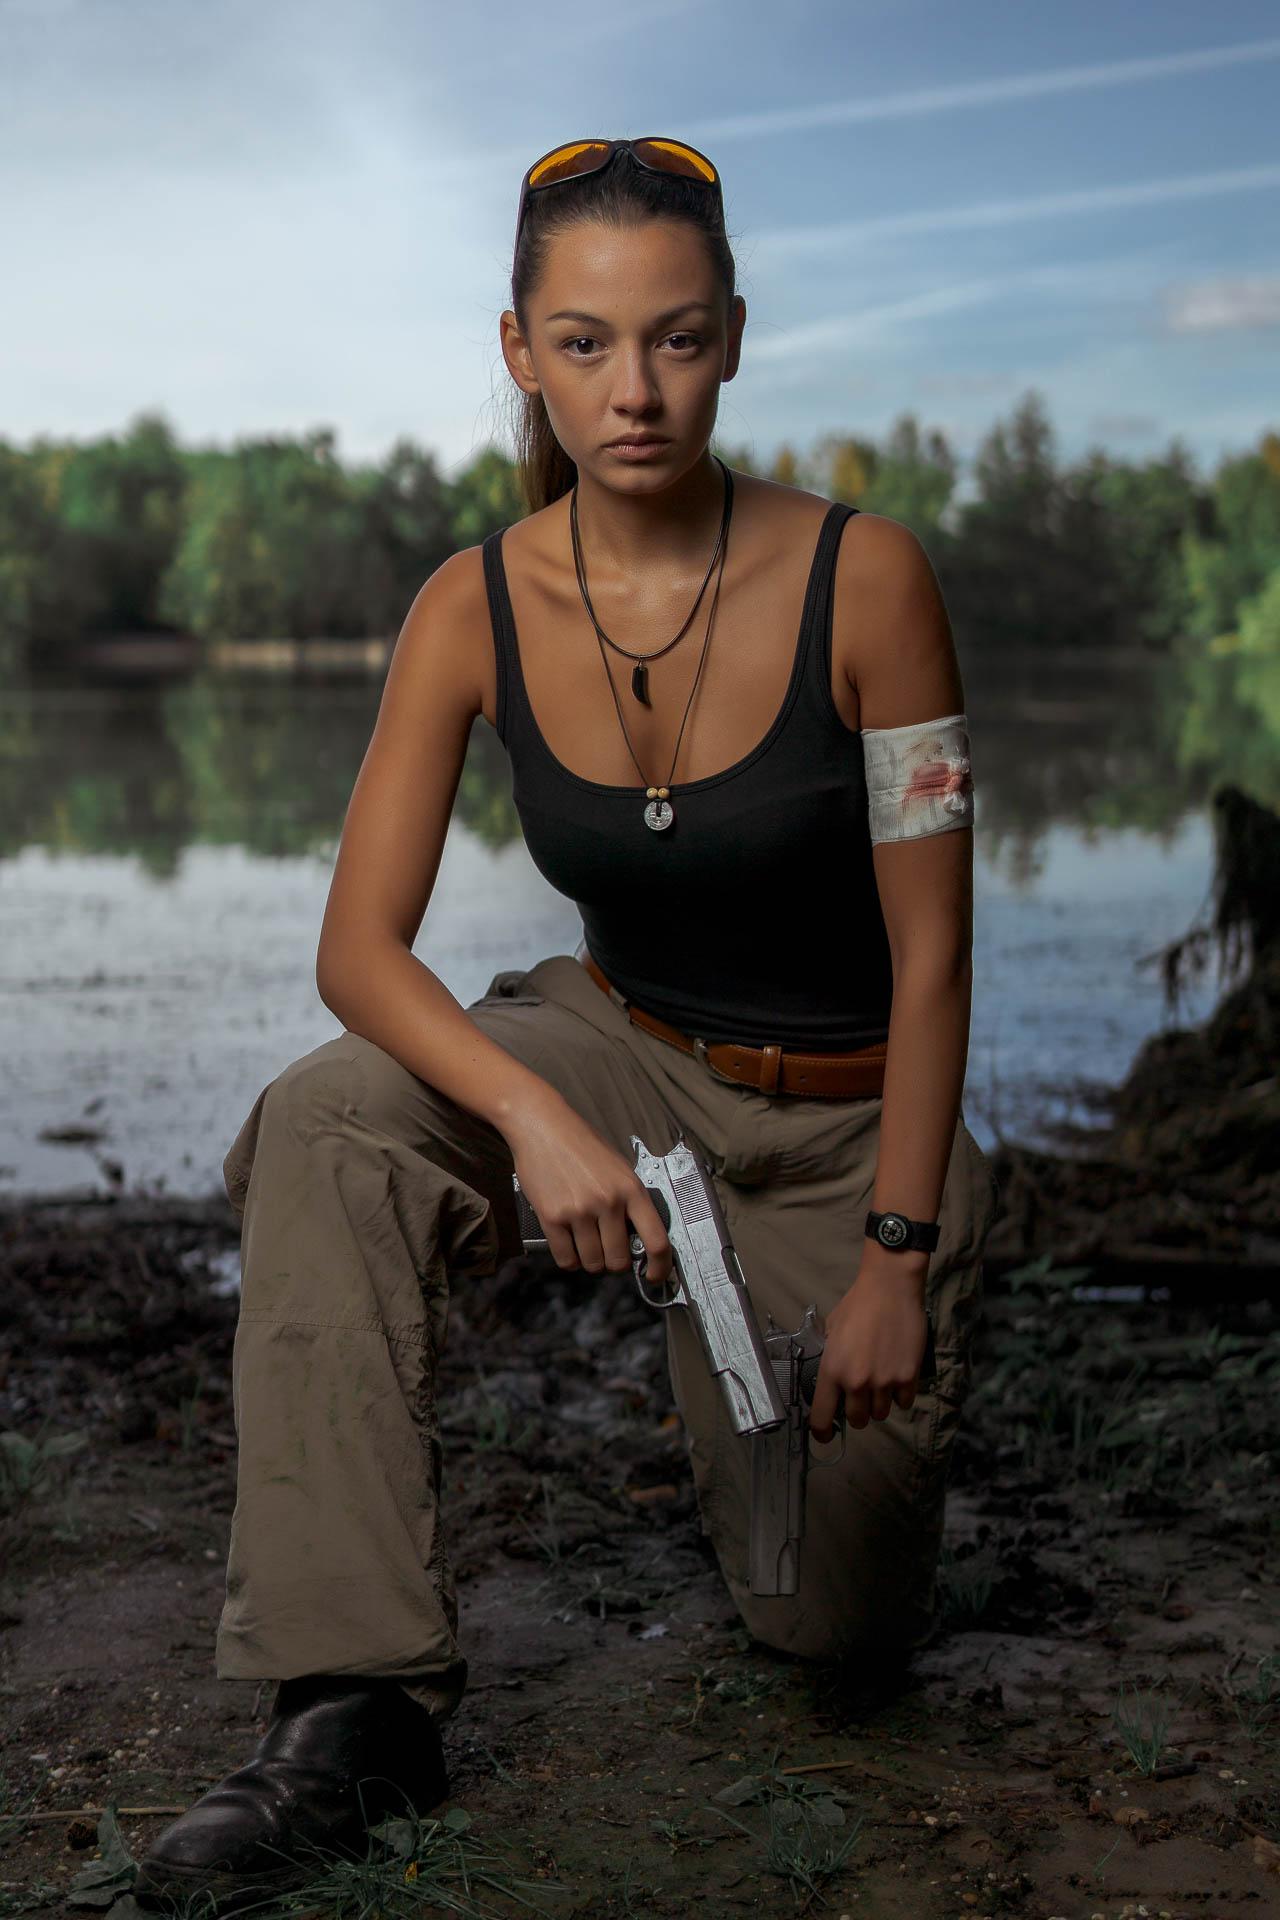 Kim mit Waffe kniend